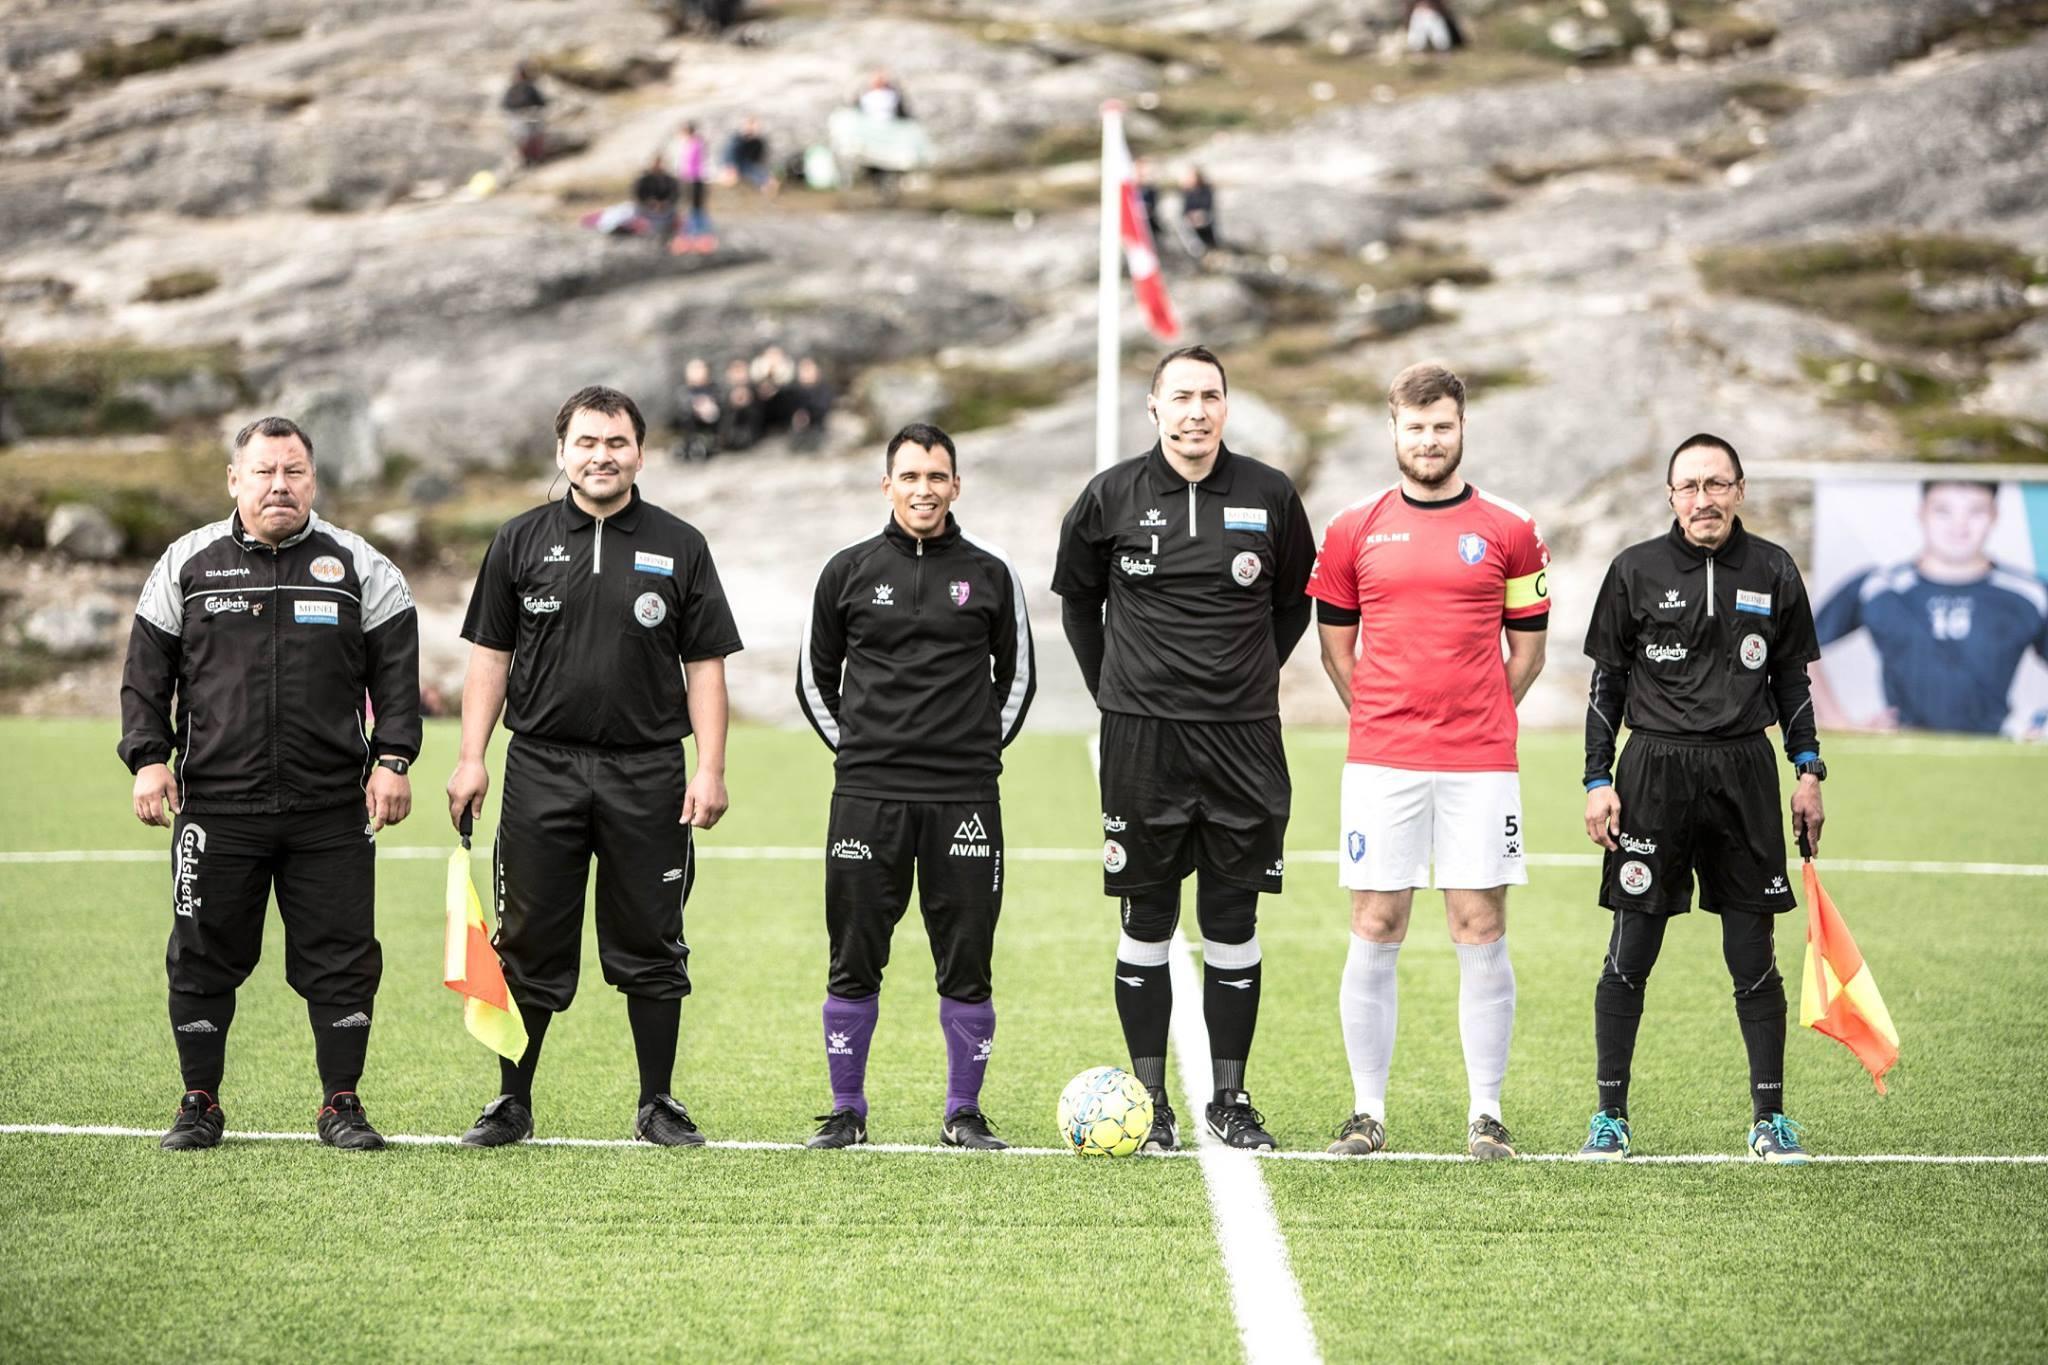 Самое короткое футбольное соревнование в мире: в Гренландии сезон длится одну неделю (+Фото, Видео) - изображение 8